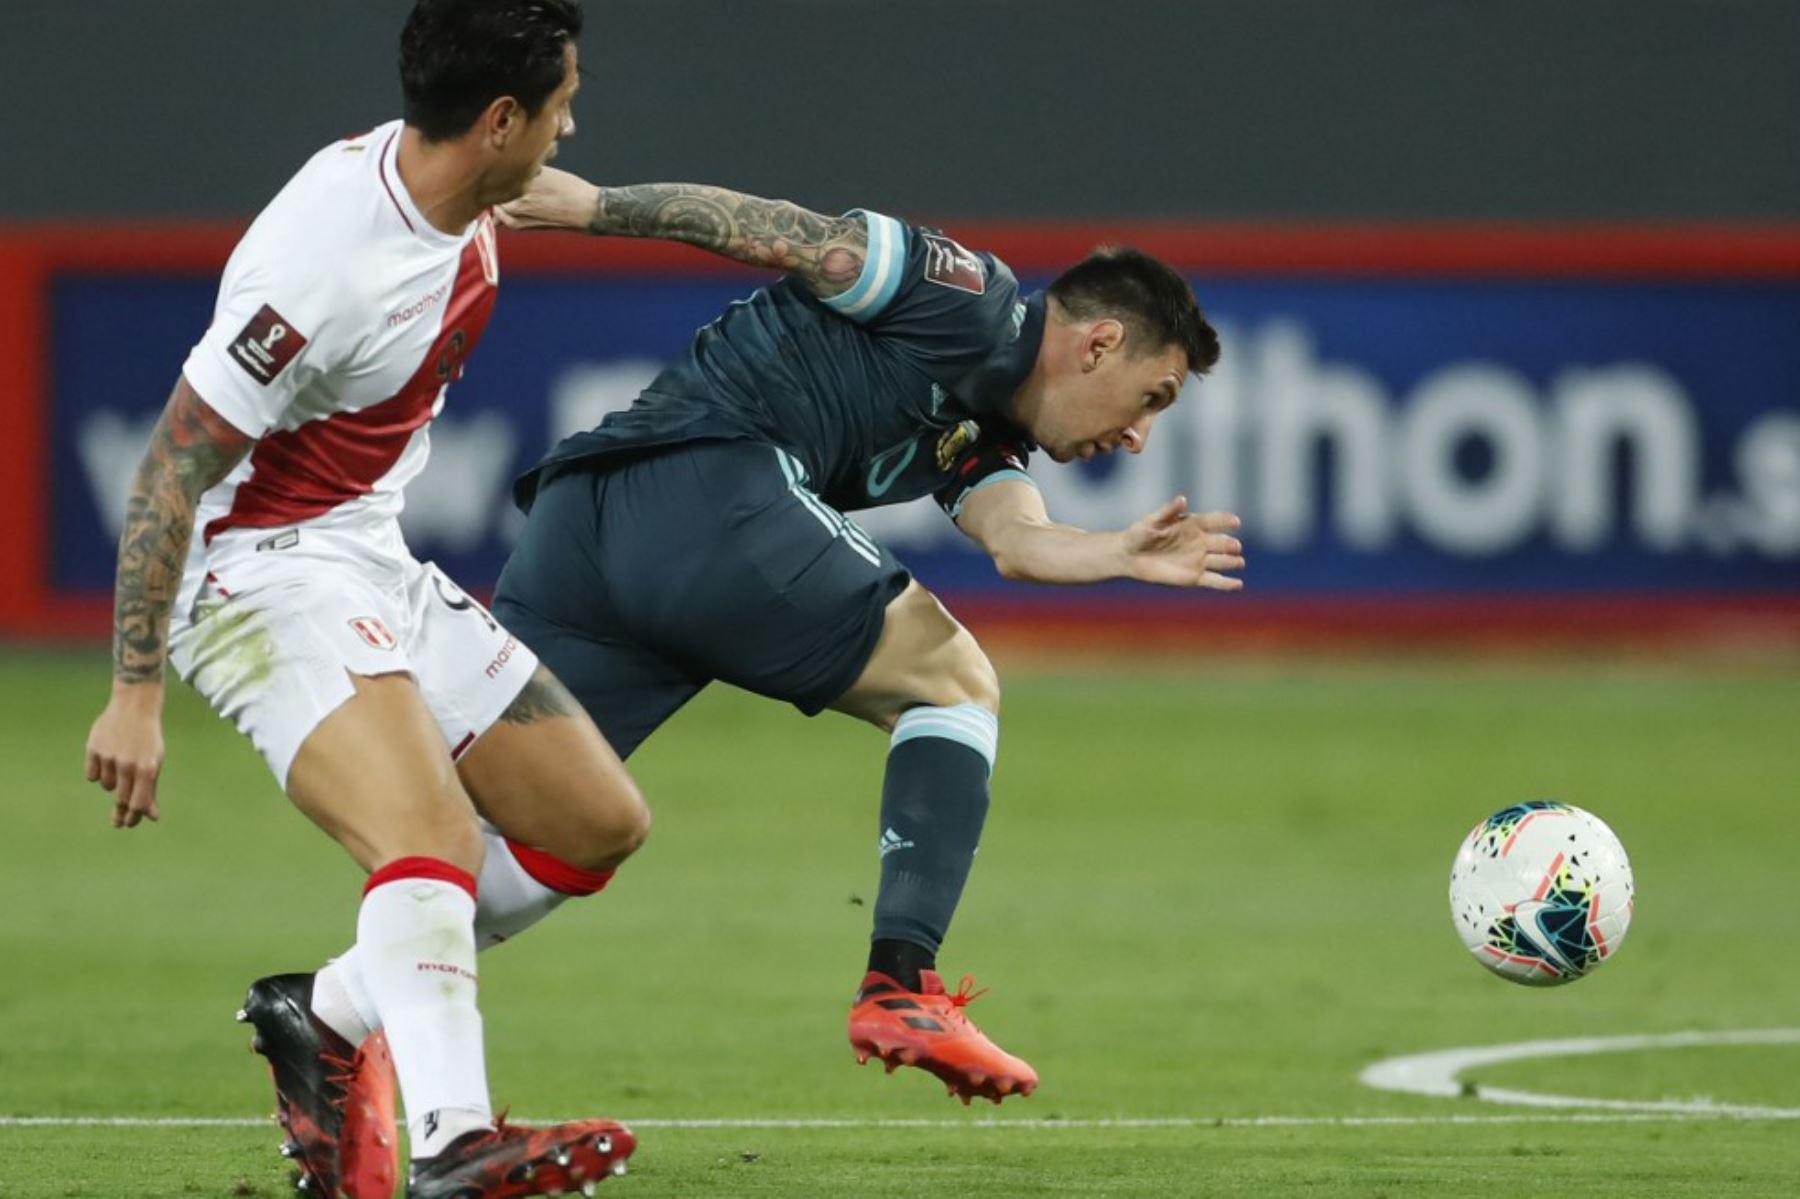 El argentino Lionel Messi  y el peruano Gianluca Lapadula compiten por el balón durante su partido de fútbol a puerta cerrada clasificatorio sudamericano para la Copa Mundial de la FIFA 2022 en el Estadio Nacional. Foto. AFP